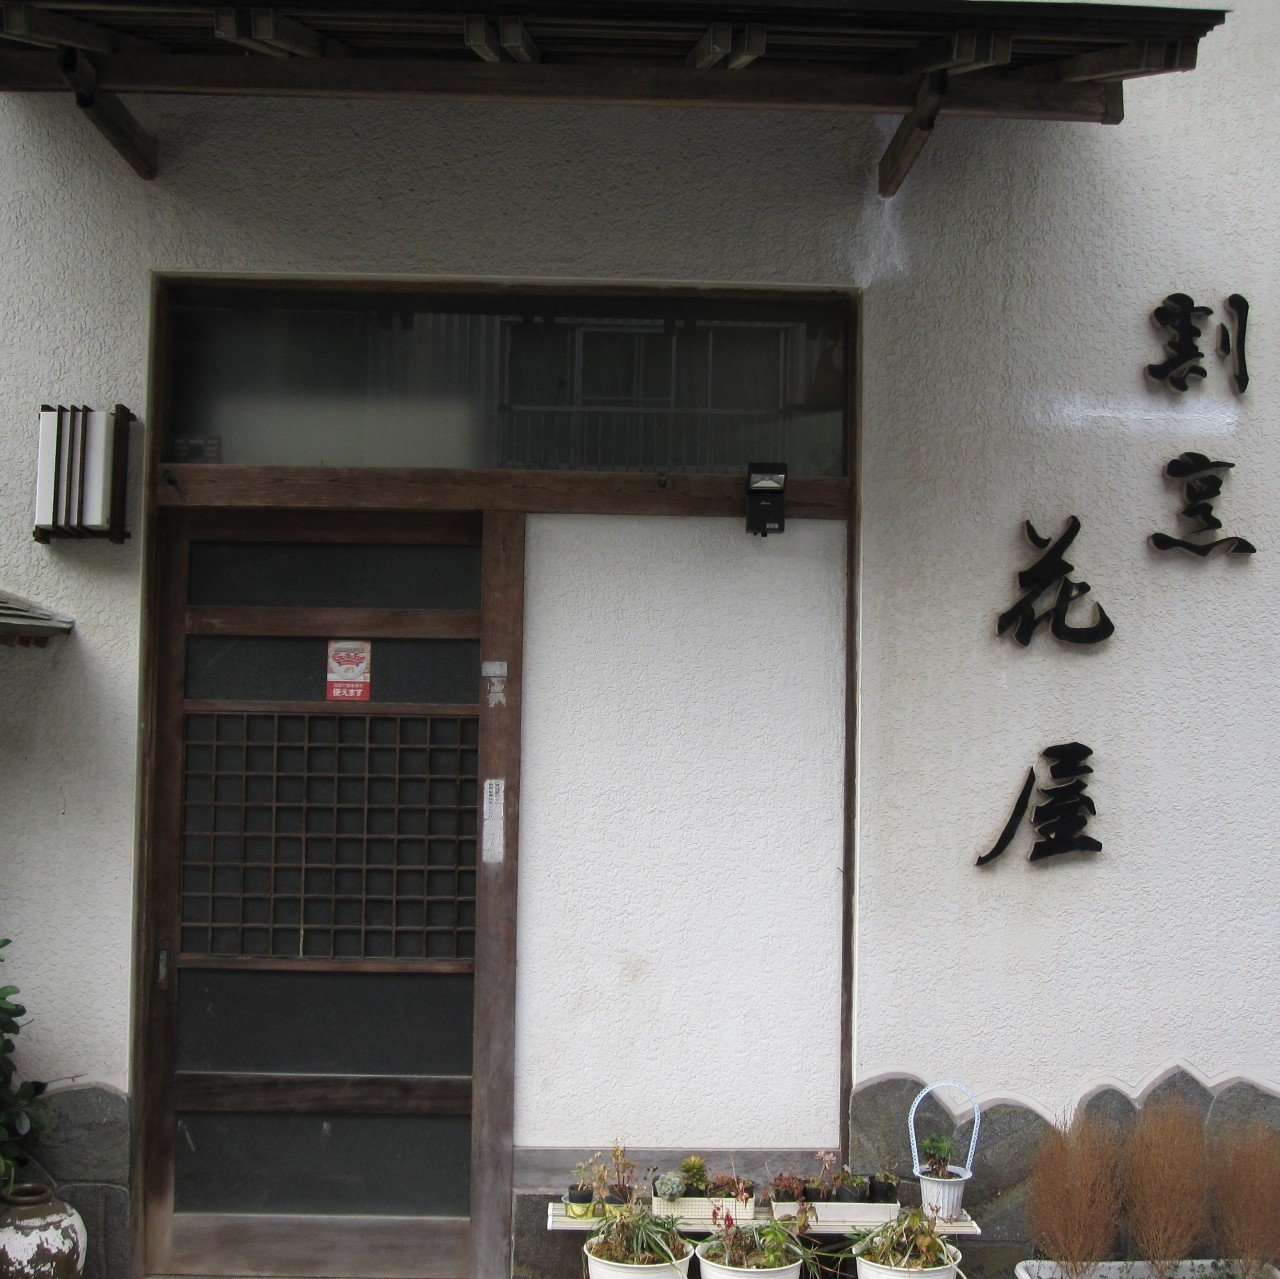 花屋旅館(はなやりょかん)/✿奥山方広寺に一番近い小さなお宿/いなさマップ「C」のイメージその1